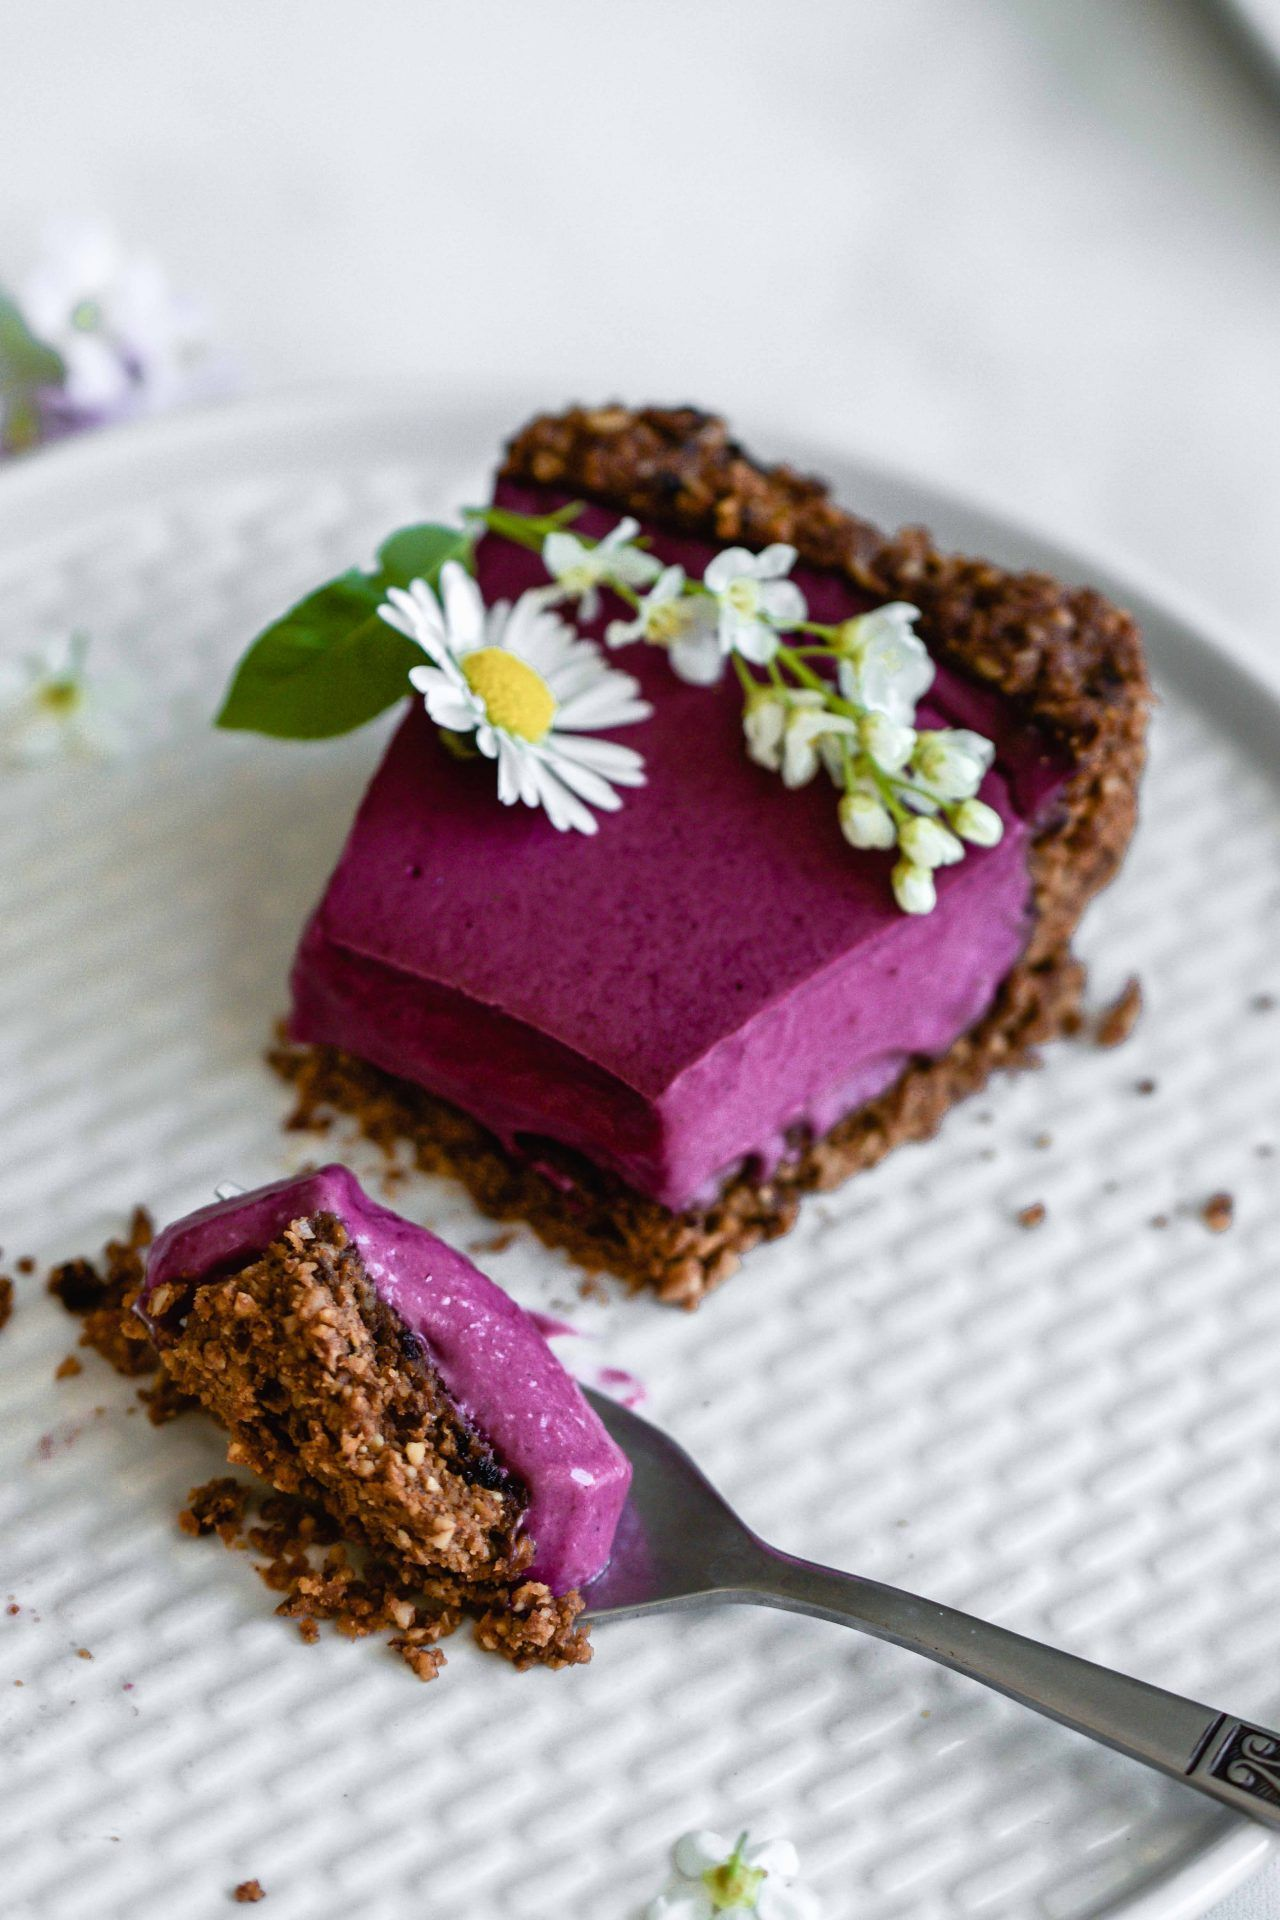 Heidelbeer-Tarte mit Schoko-Walnuss-Boden | vegan, glutenfrei | Flowers in the Salad